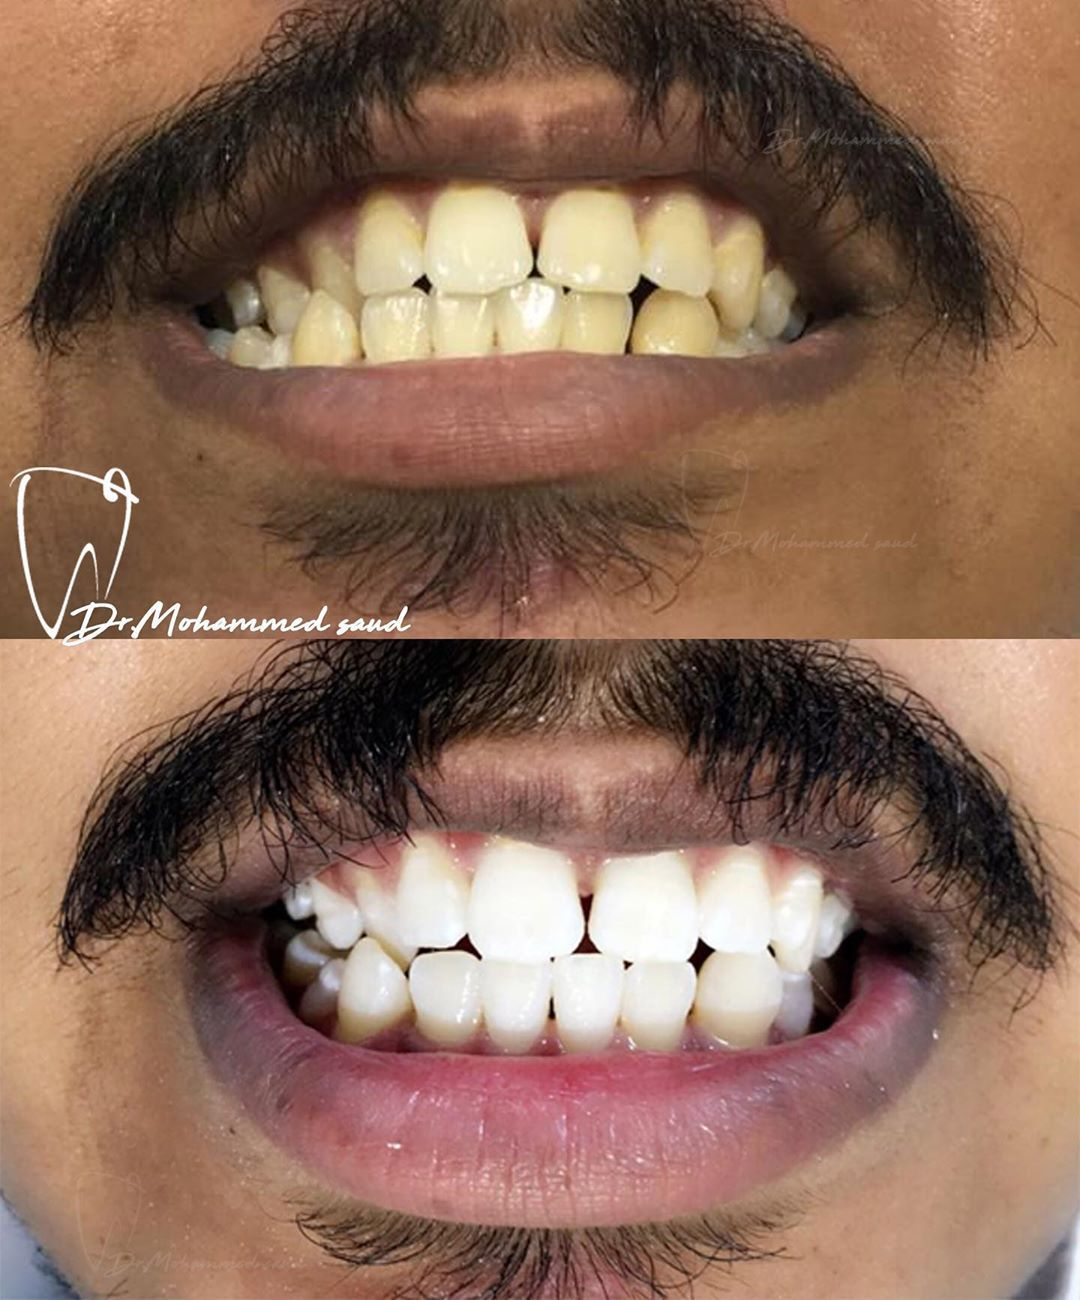 تبييض اسنان بالليزر رمضان كريم عروض رمضان أسنان الأطفال زيركون ايماكس أسنان توريد لثة سناب اون سمايل قص لثة فينيرز Cosmetic Denti Teeth Laser Dental